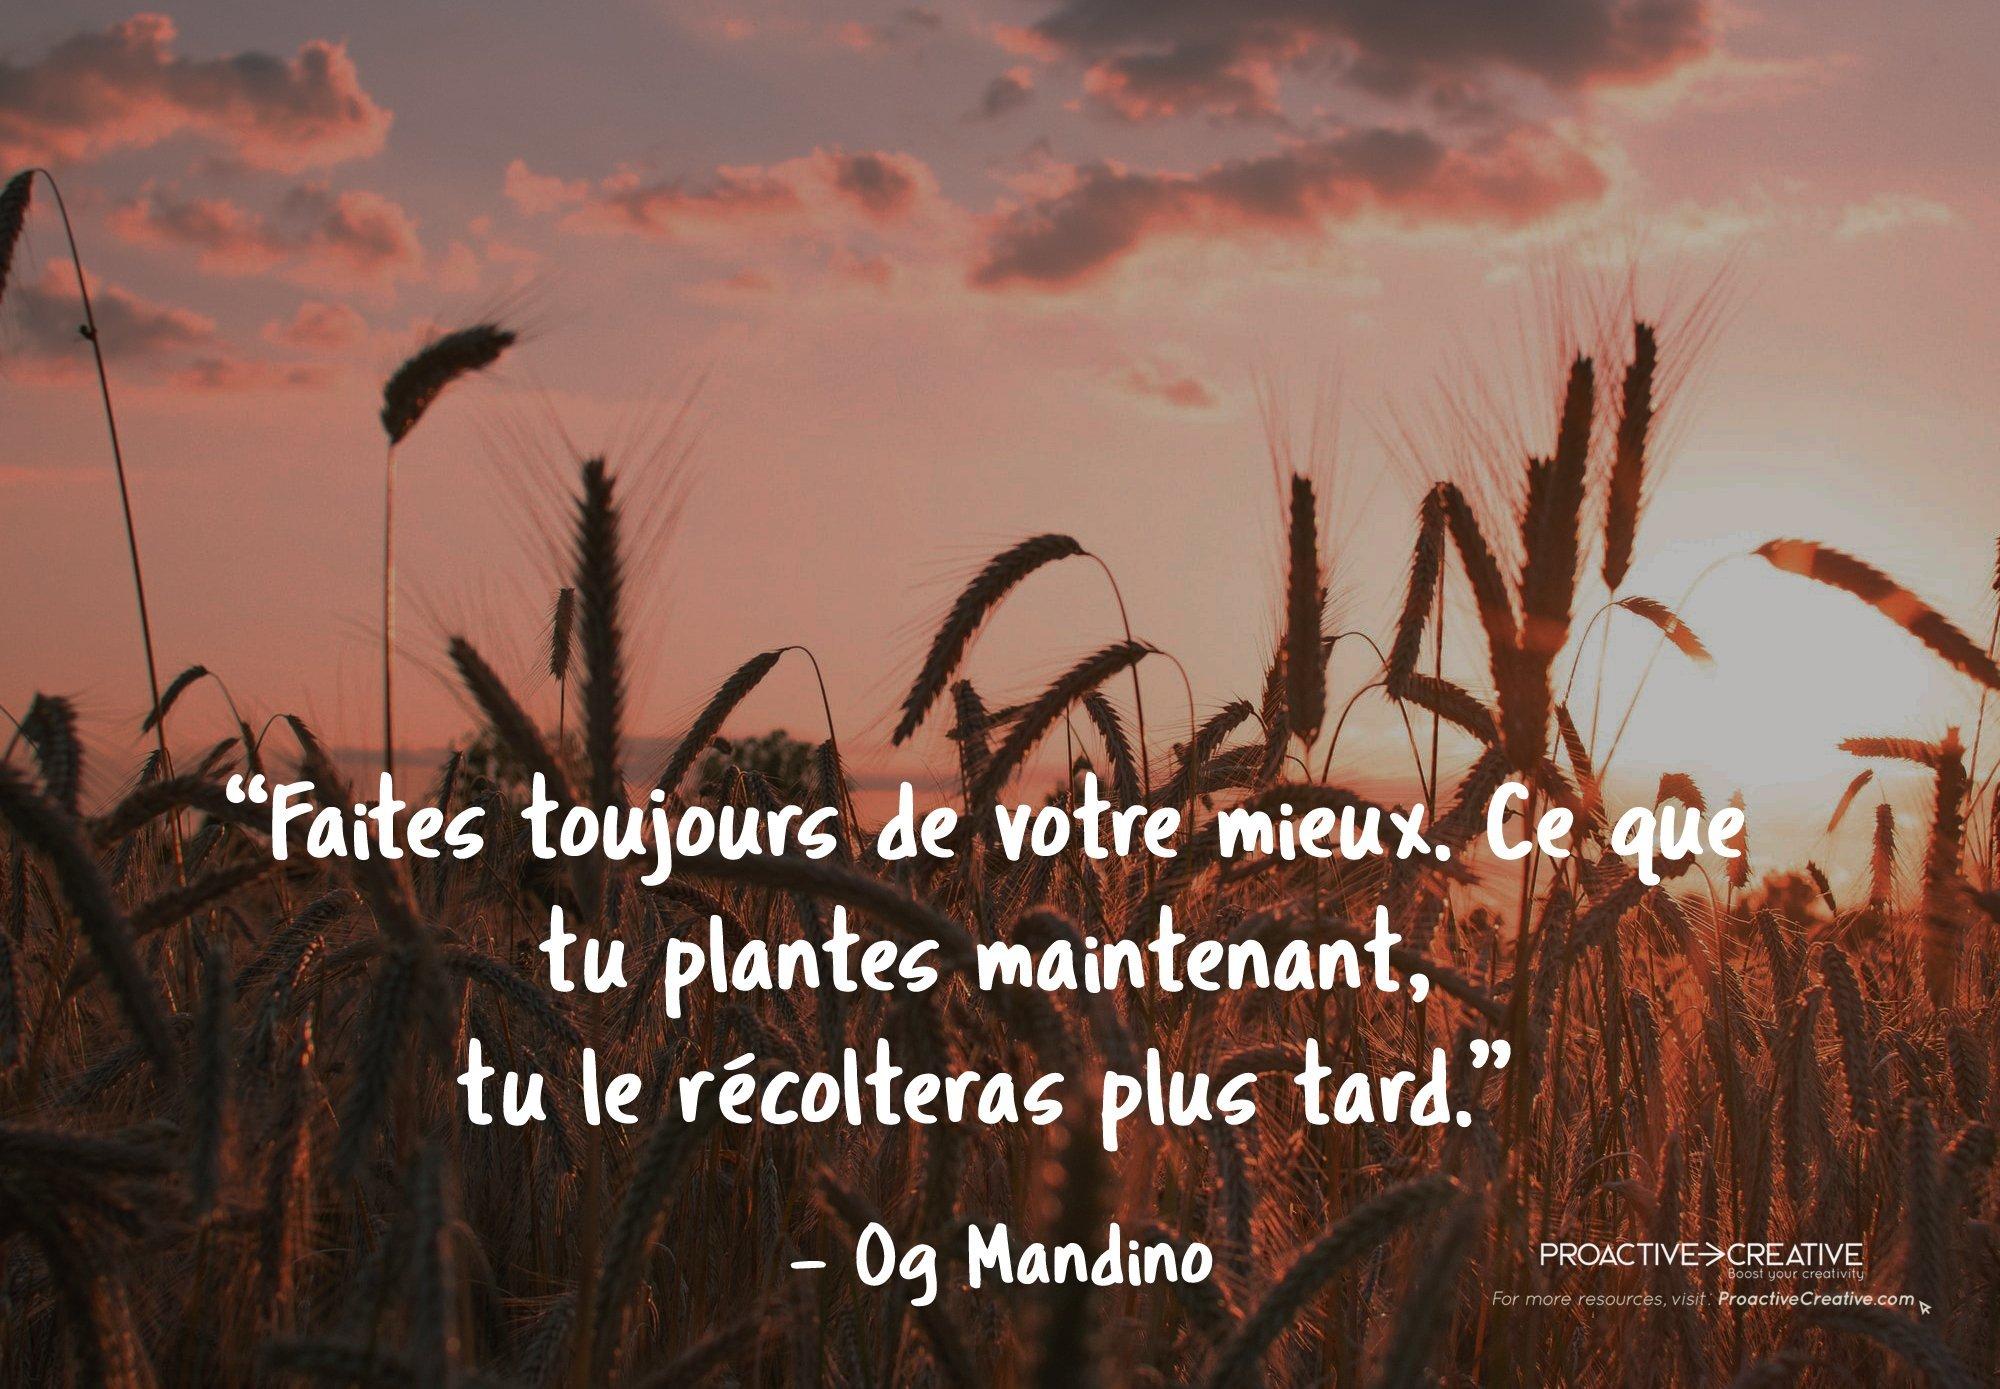 Og Mandino - Citations inspirantes